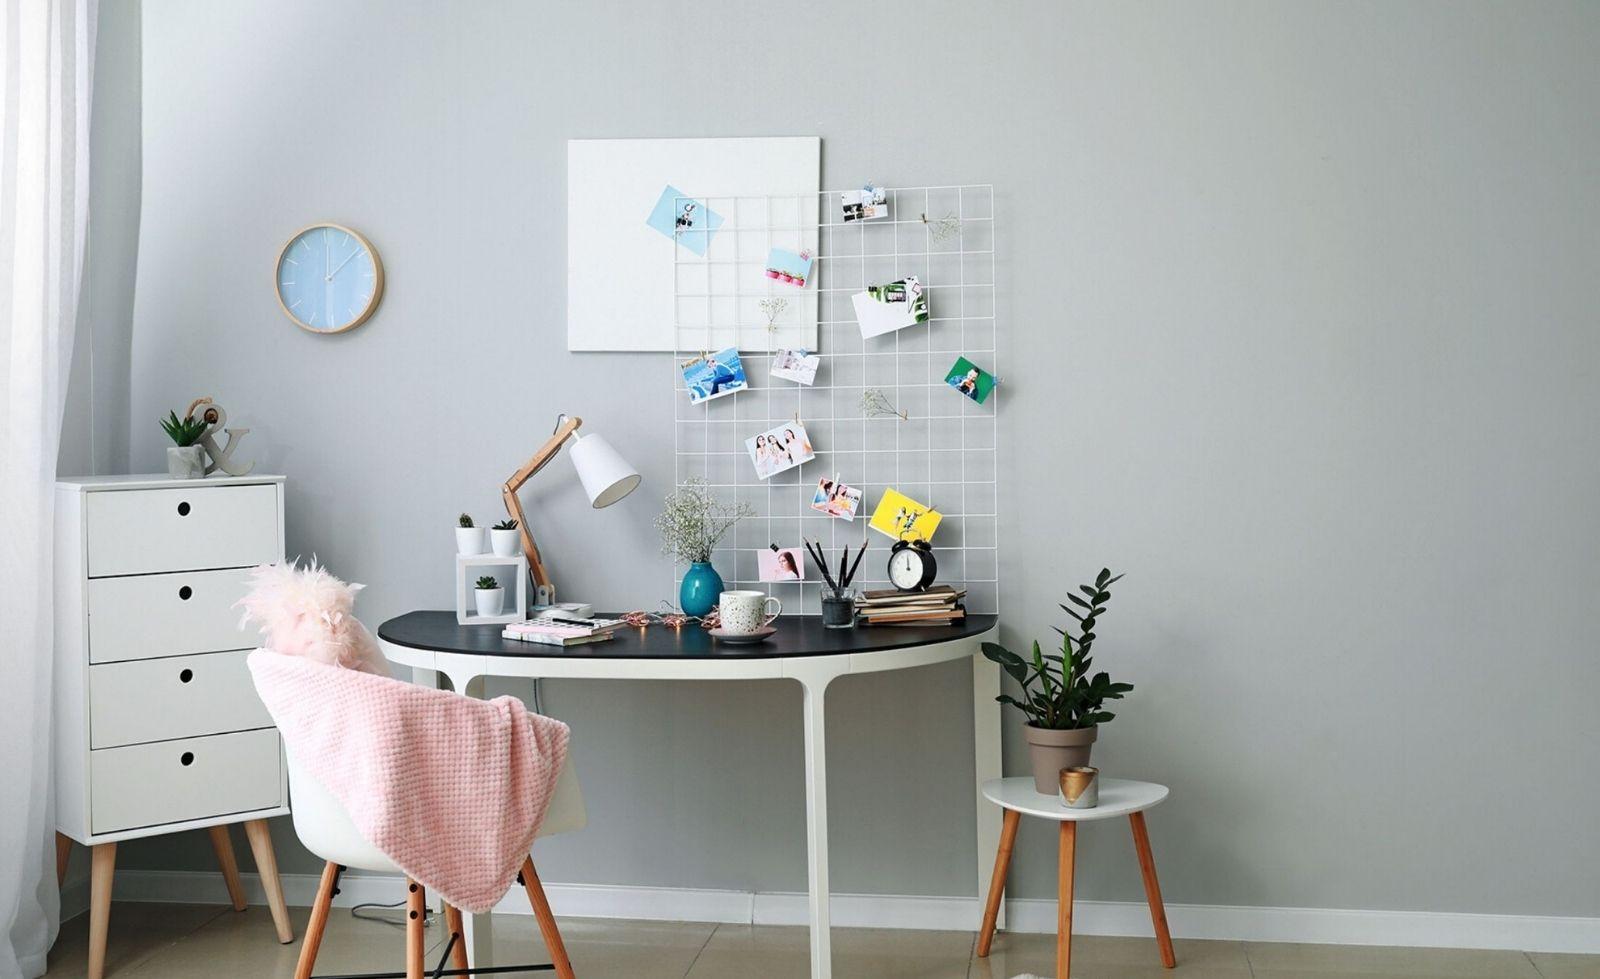 Usa el color y llena de vida tu hogar.